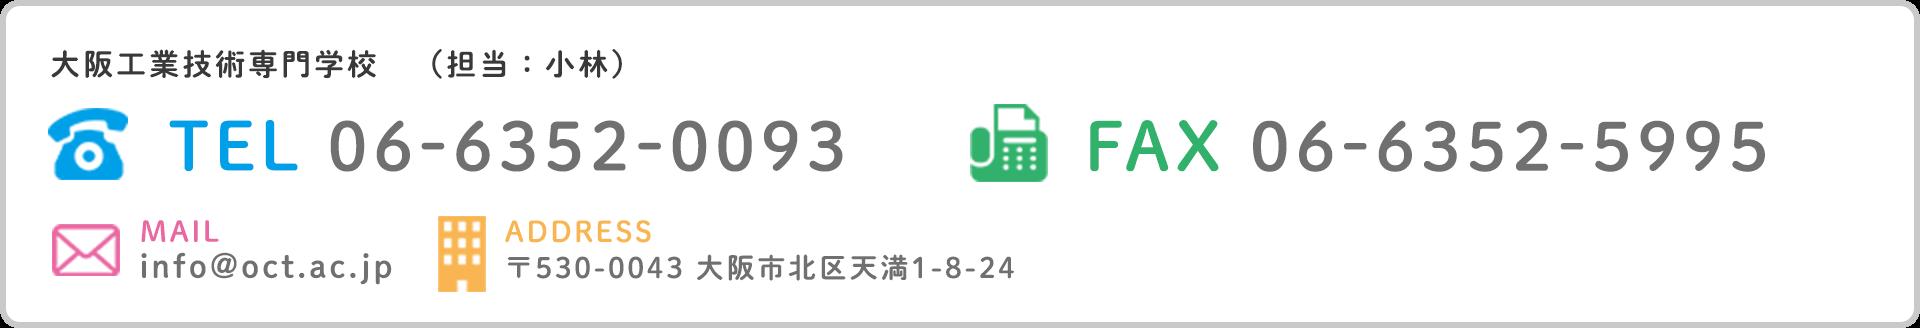 大阪工業技術専門学校 (担当:小林) | TEL 06-6352-0091